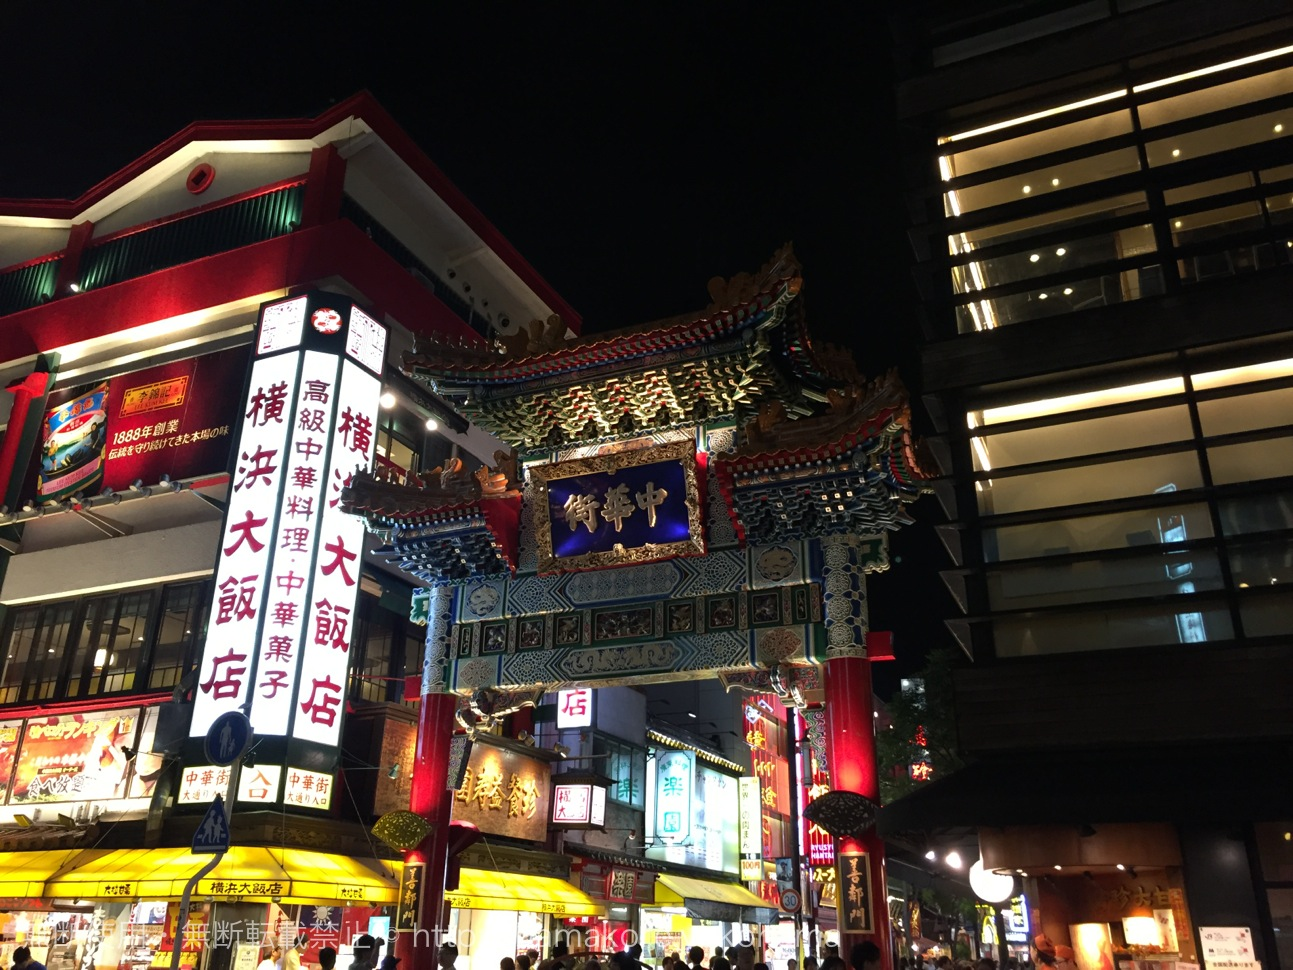 横浜中華街のおすすめ駅は?地元の人が教える効率的アクセスと駅の選び方